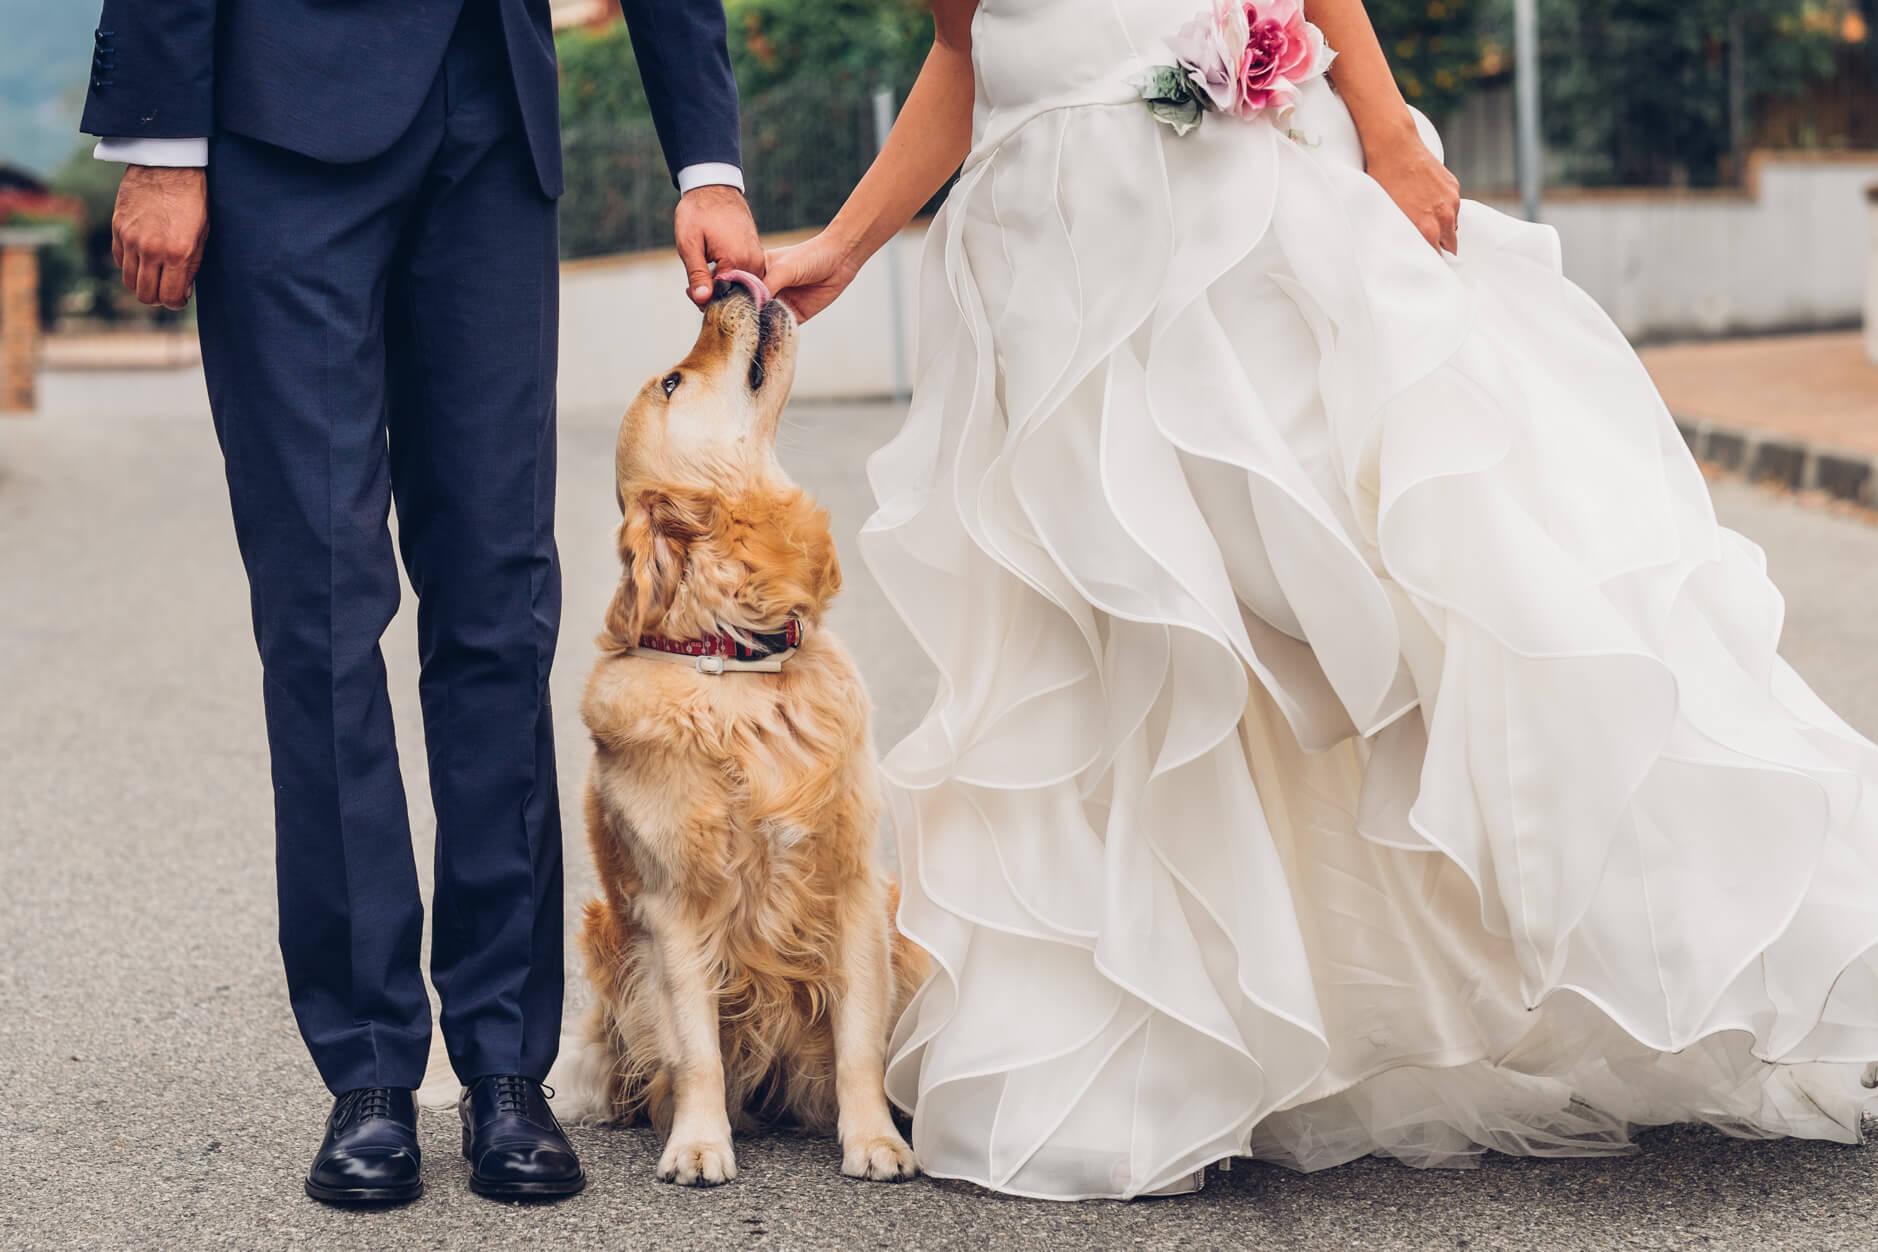 Matrimonio Uomo Cane : I cani al matrimonio ecco come far partecipare anche loro